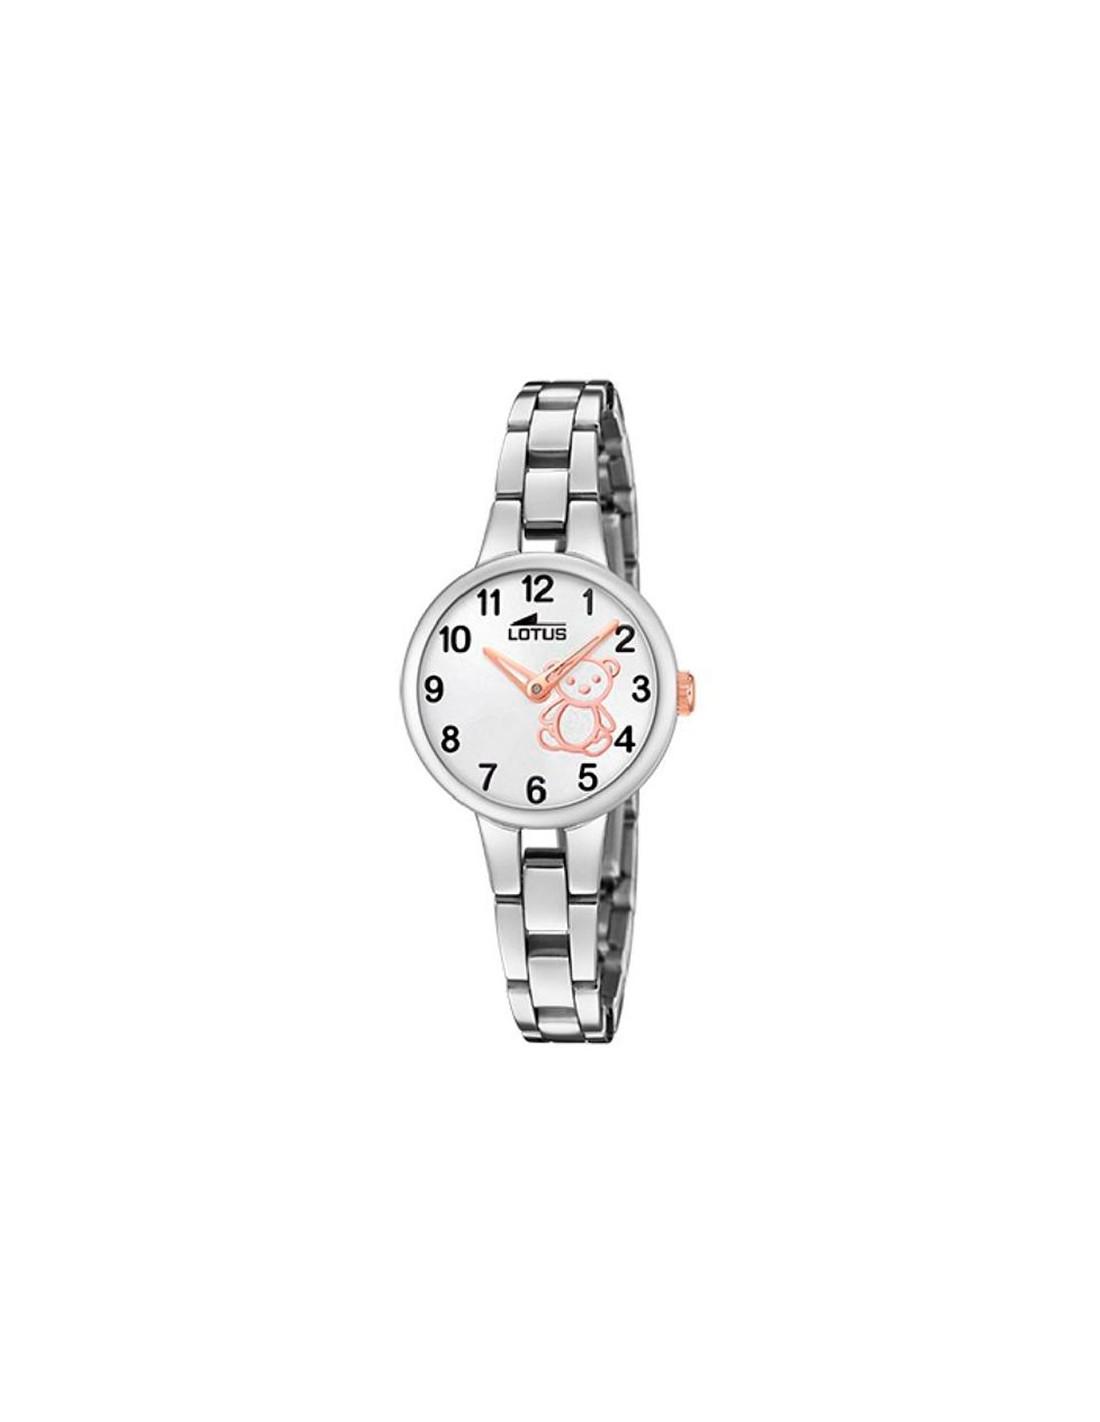 e9bef2ba7207 Reloj 18658 5 Lotus + Pulsera Lotus Silver ...